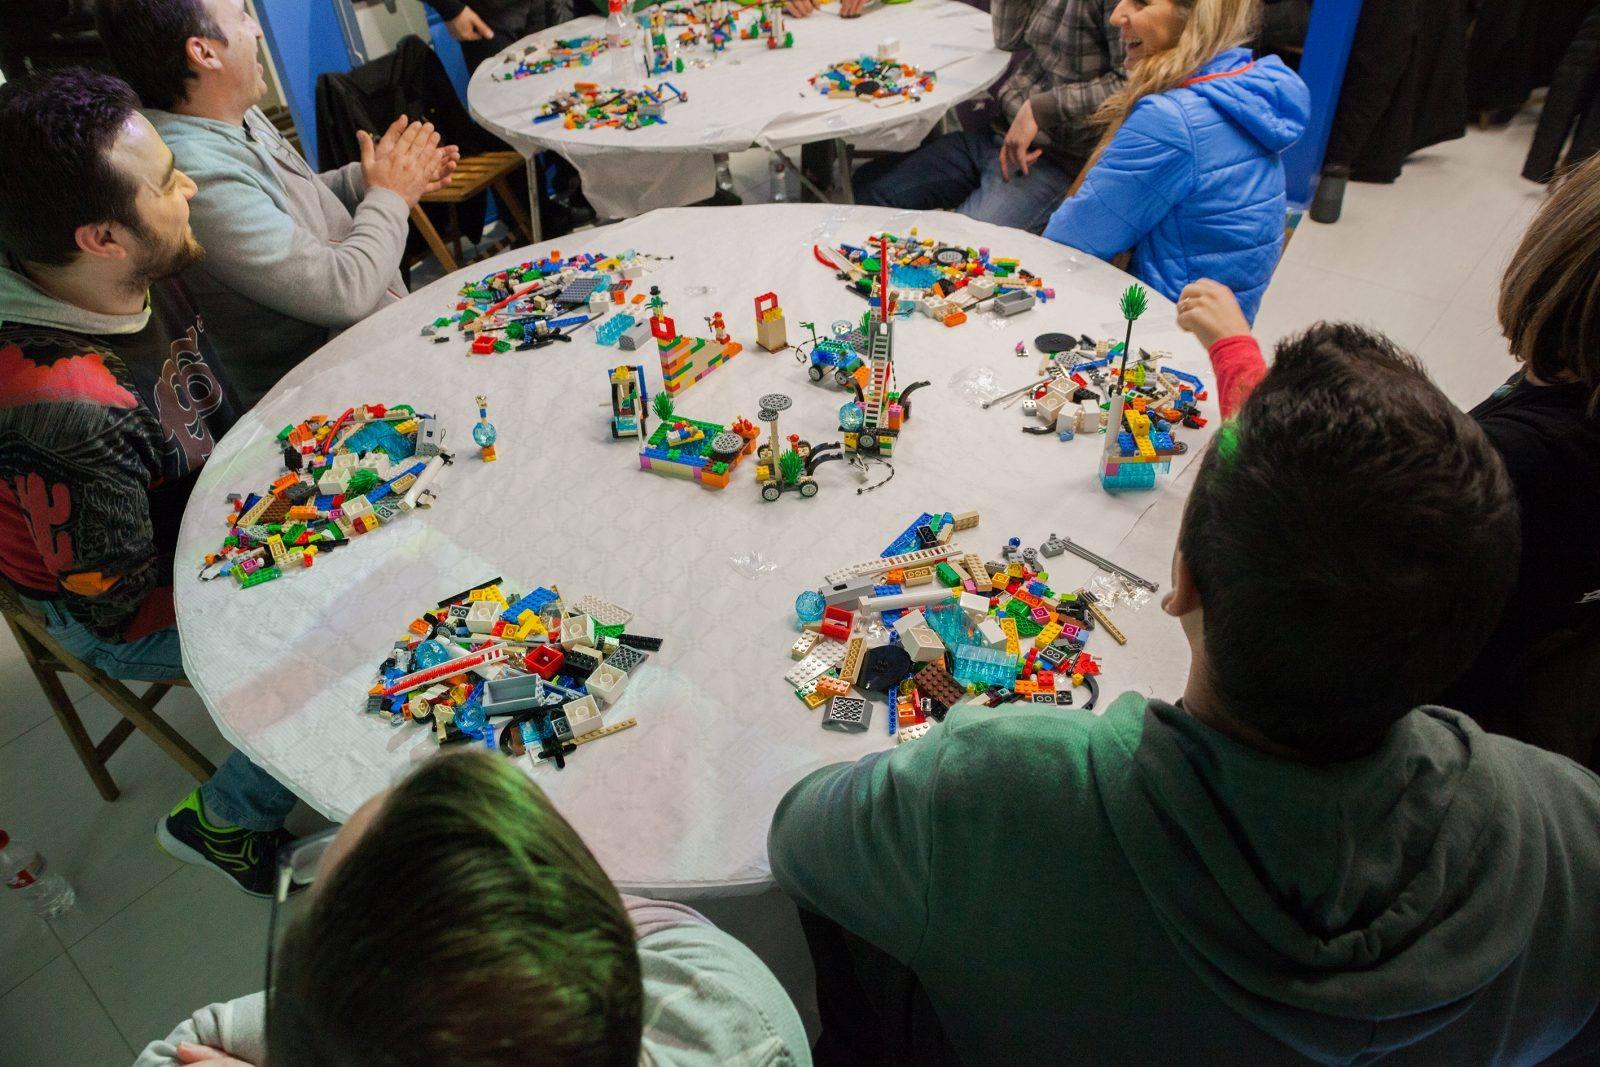 En la sesión de Lego Serious Play se trabajó en equipo de una manera divertida